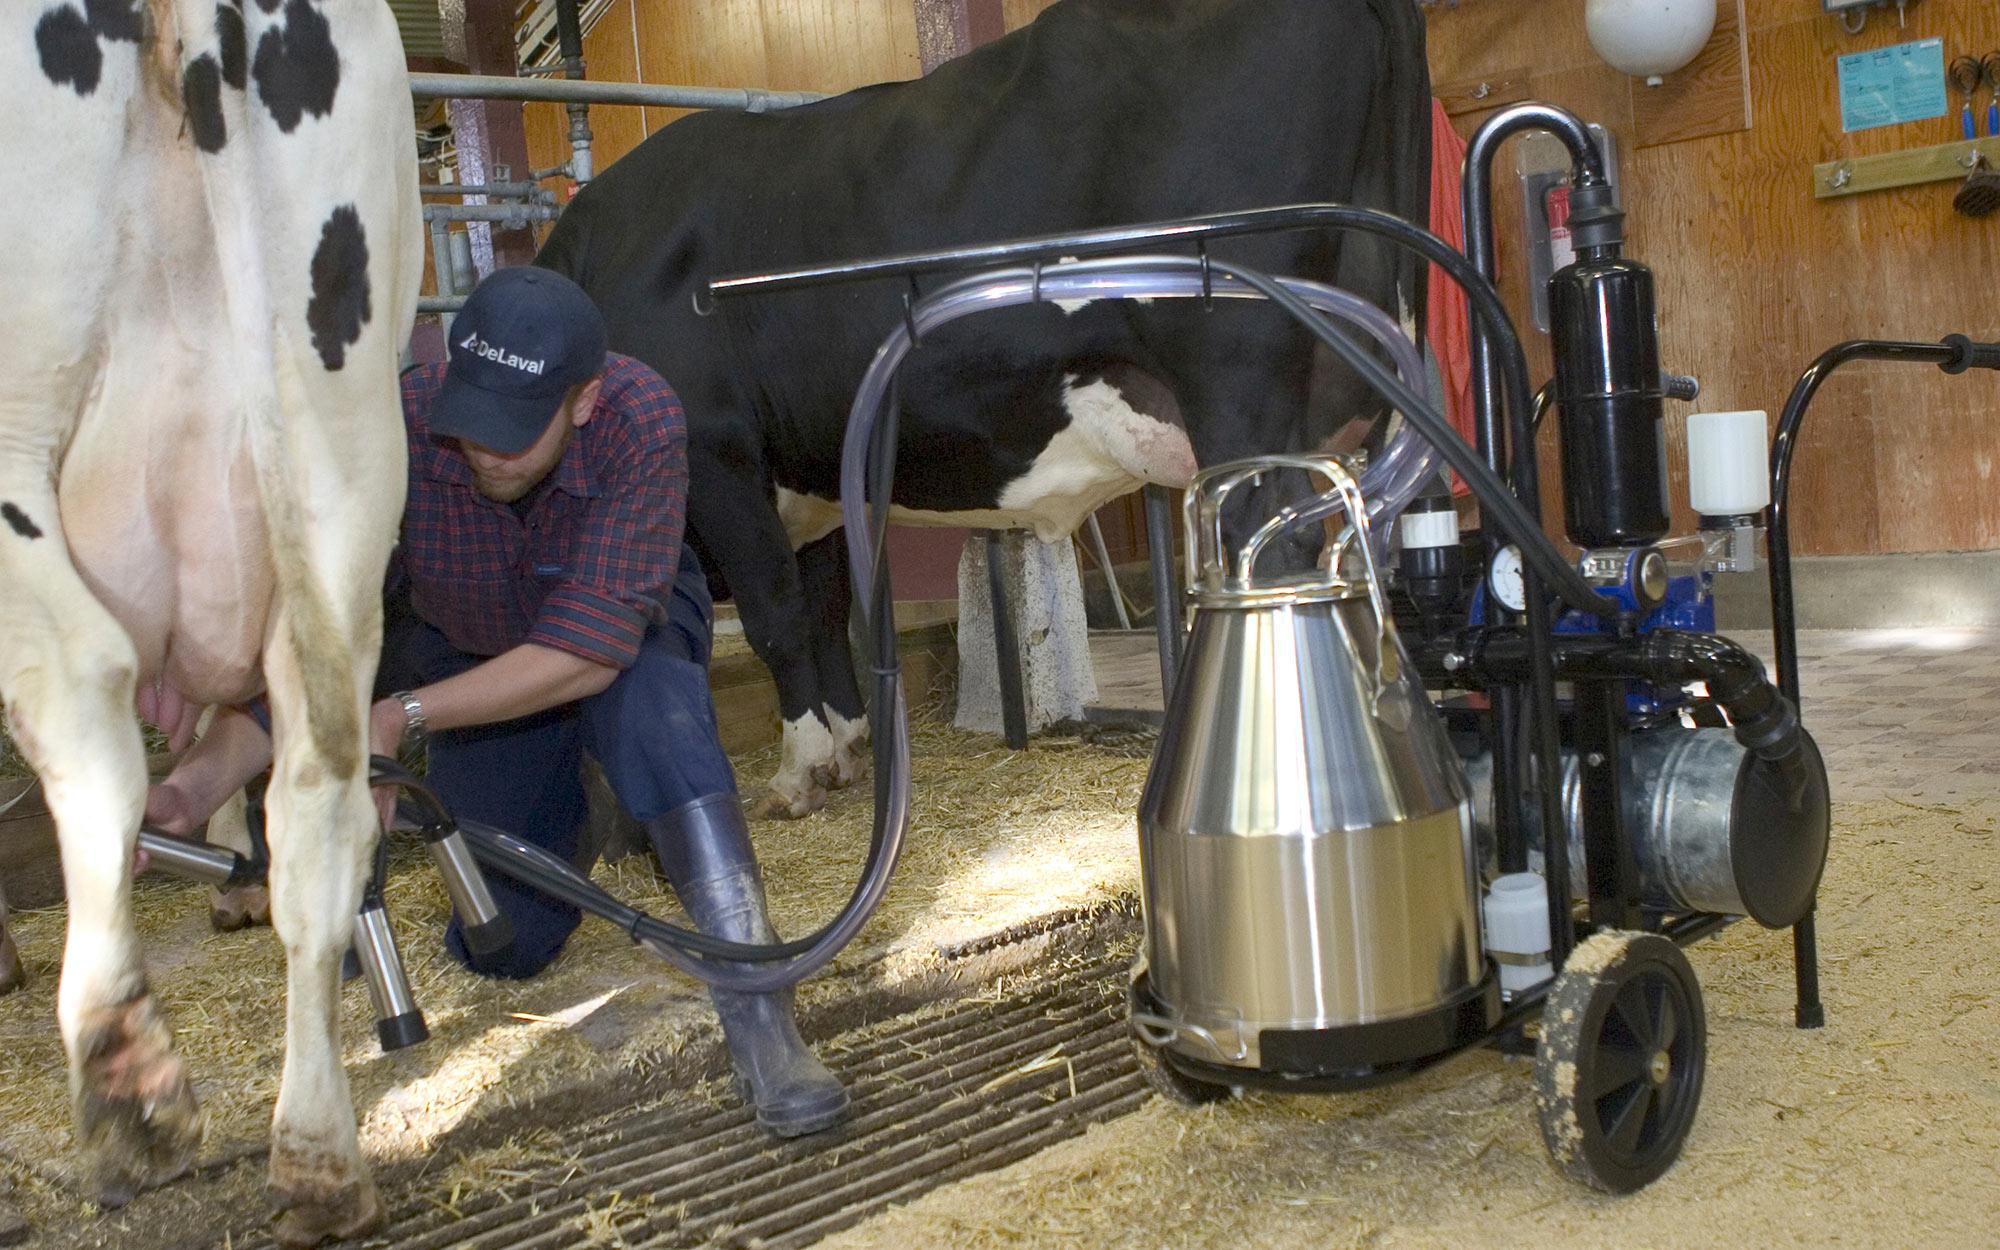 Доильный аппарат для коров (29 фото): как использовать оборудование для дойки коров в домашних условиях? какое устройство для доения лучше выбрать?